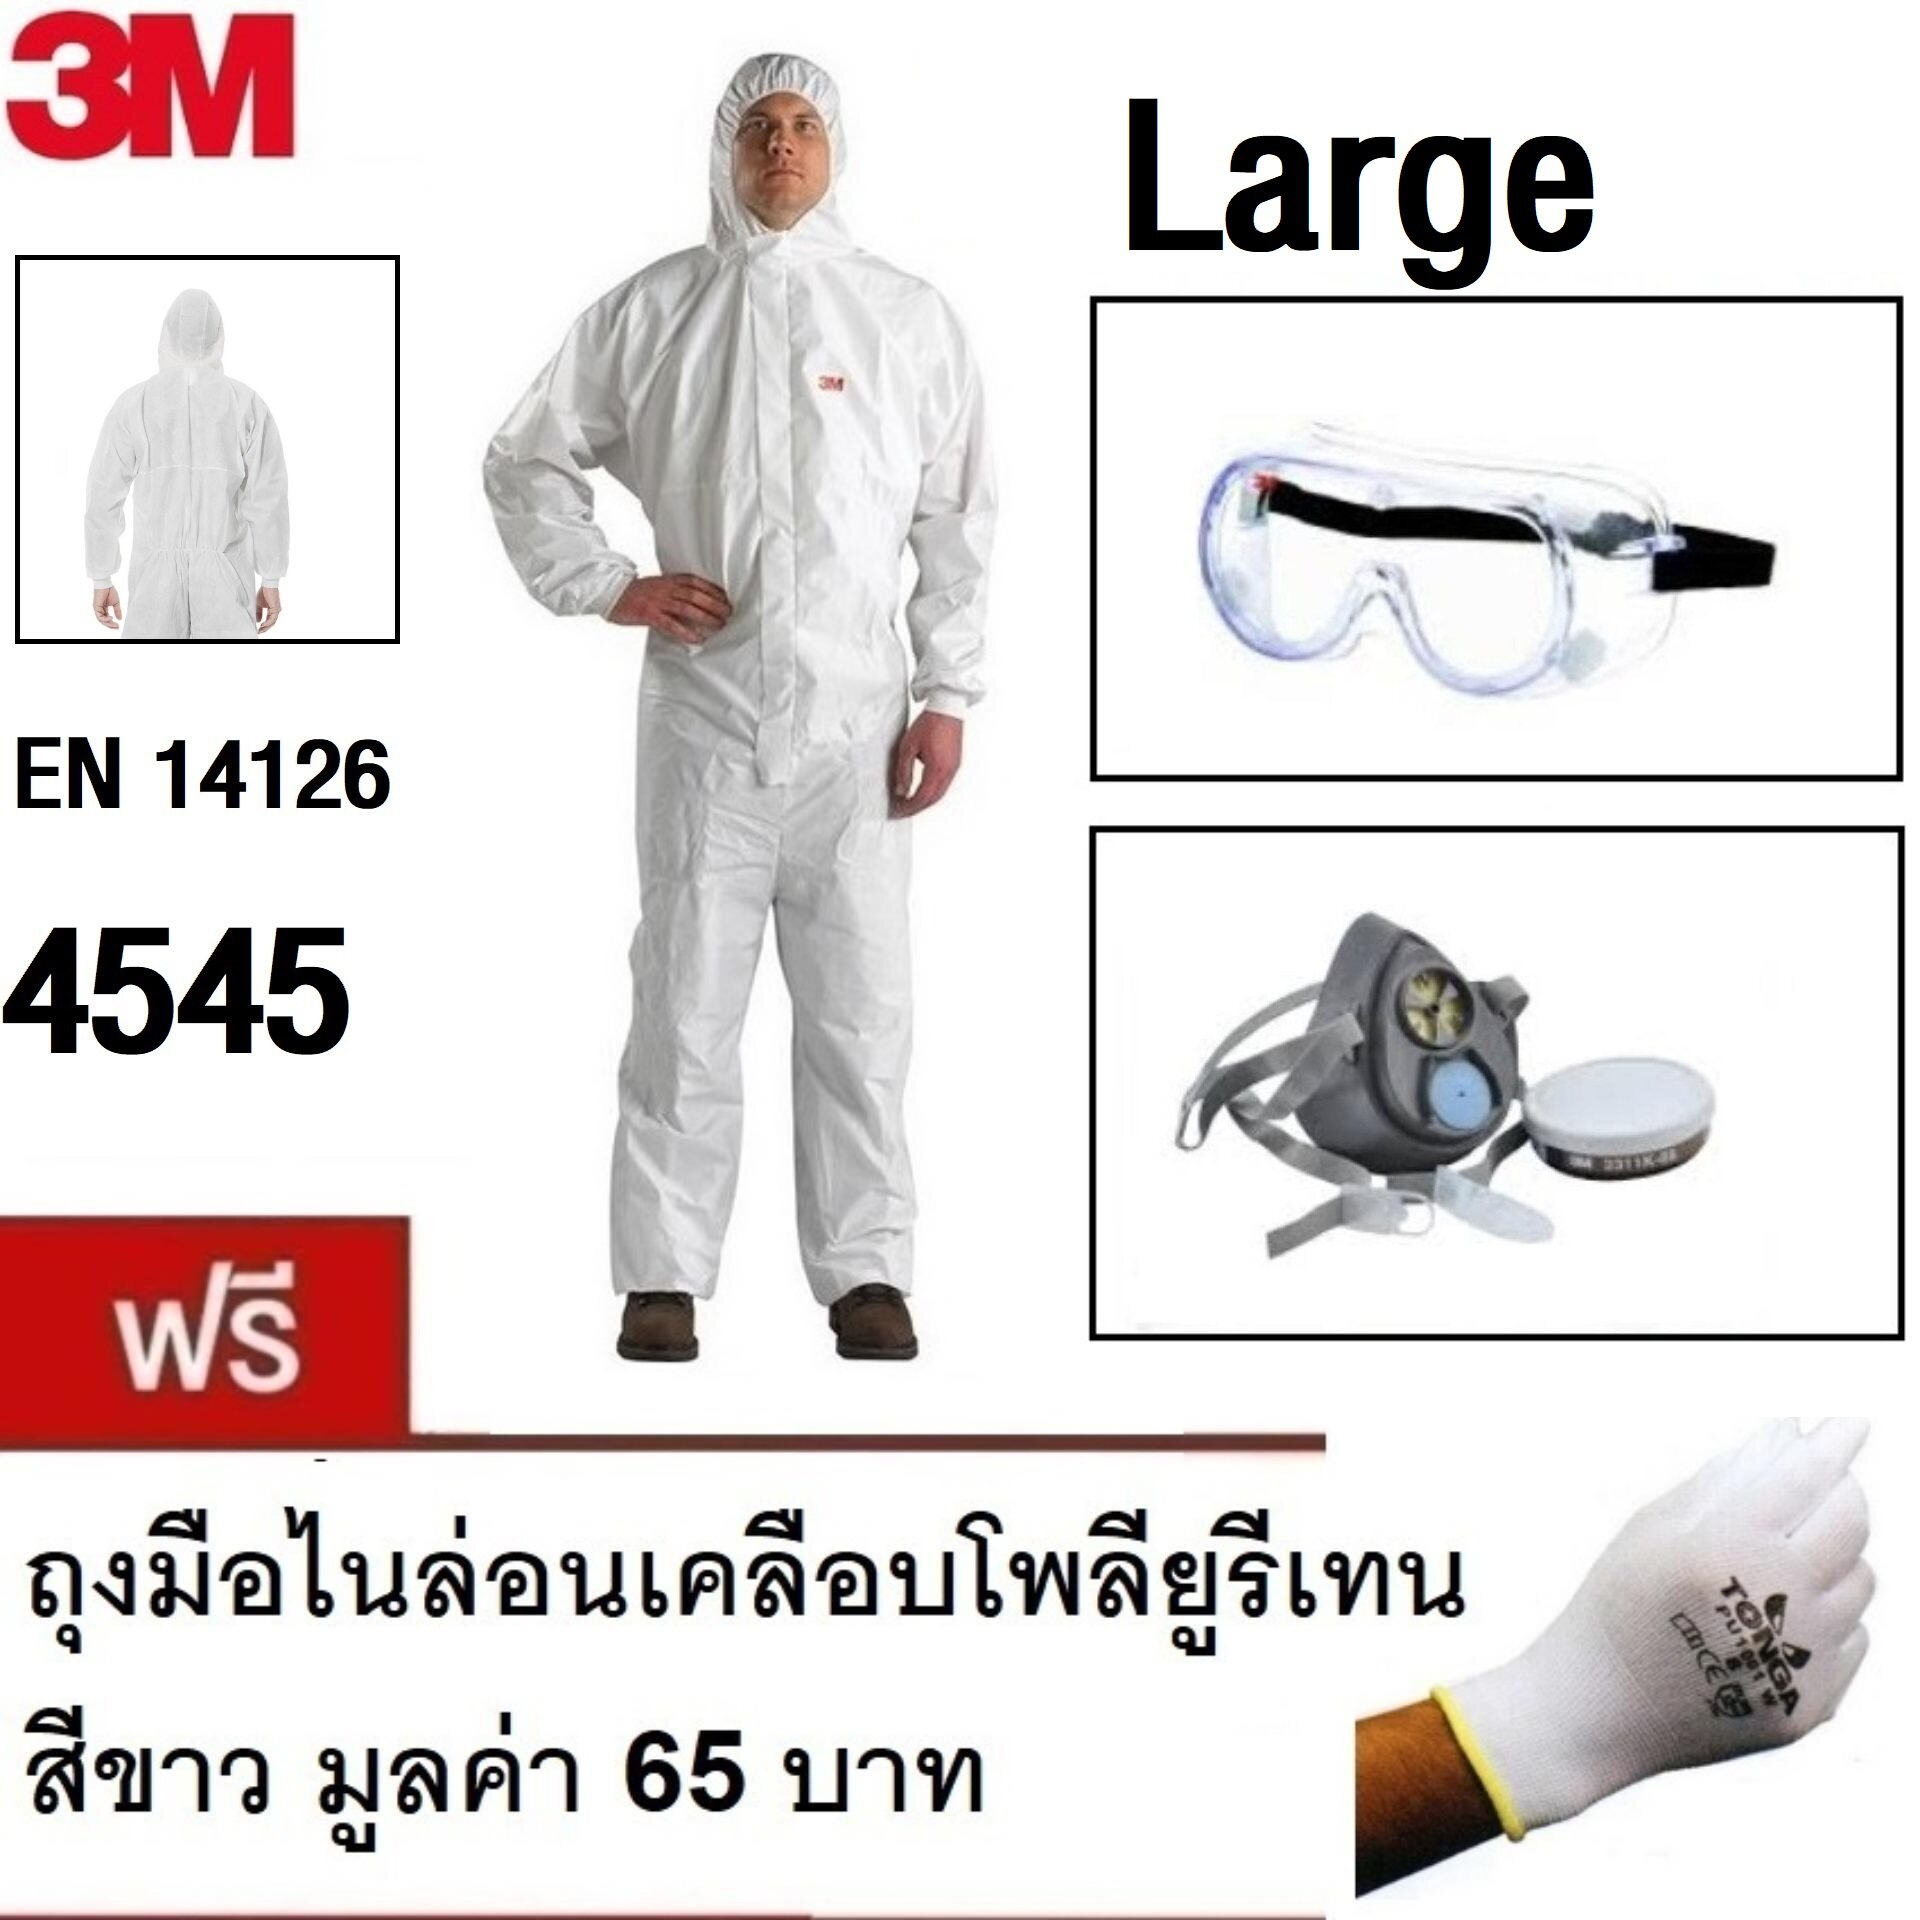 3M แว่นครอบตานิรภัย +3200 หน้ากากกรองเดี่ยวและตลับกรอง+4545 Coverall ชุดป้องกันสารเคมีและฝุ่นละอองและเชื้อ (รุ่นใหม่)